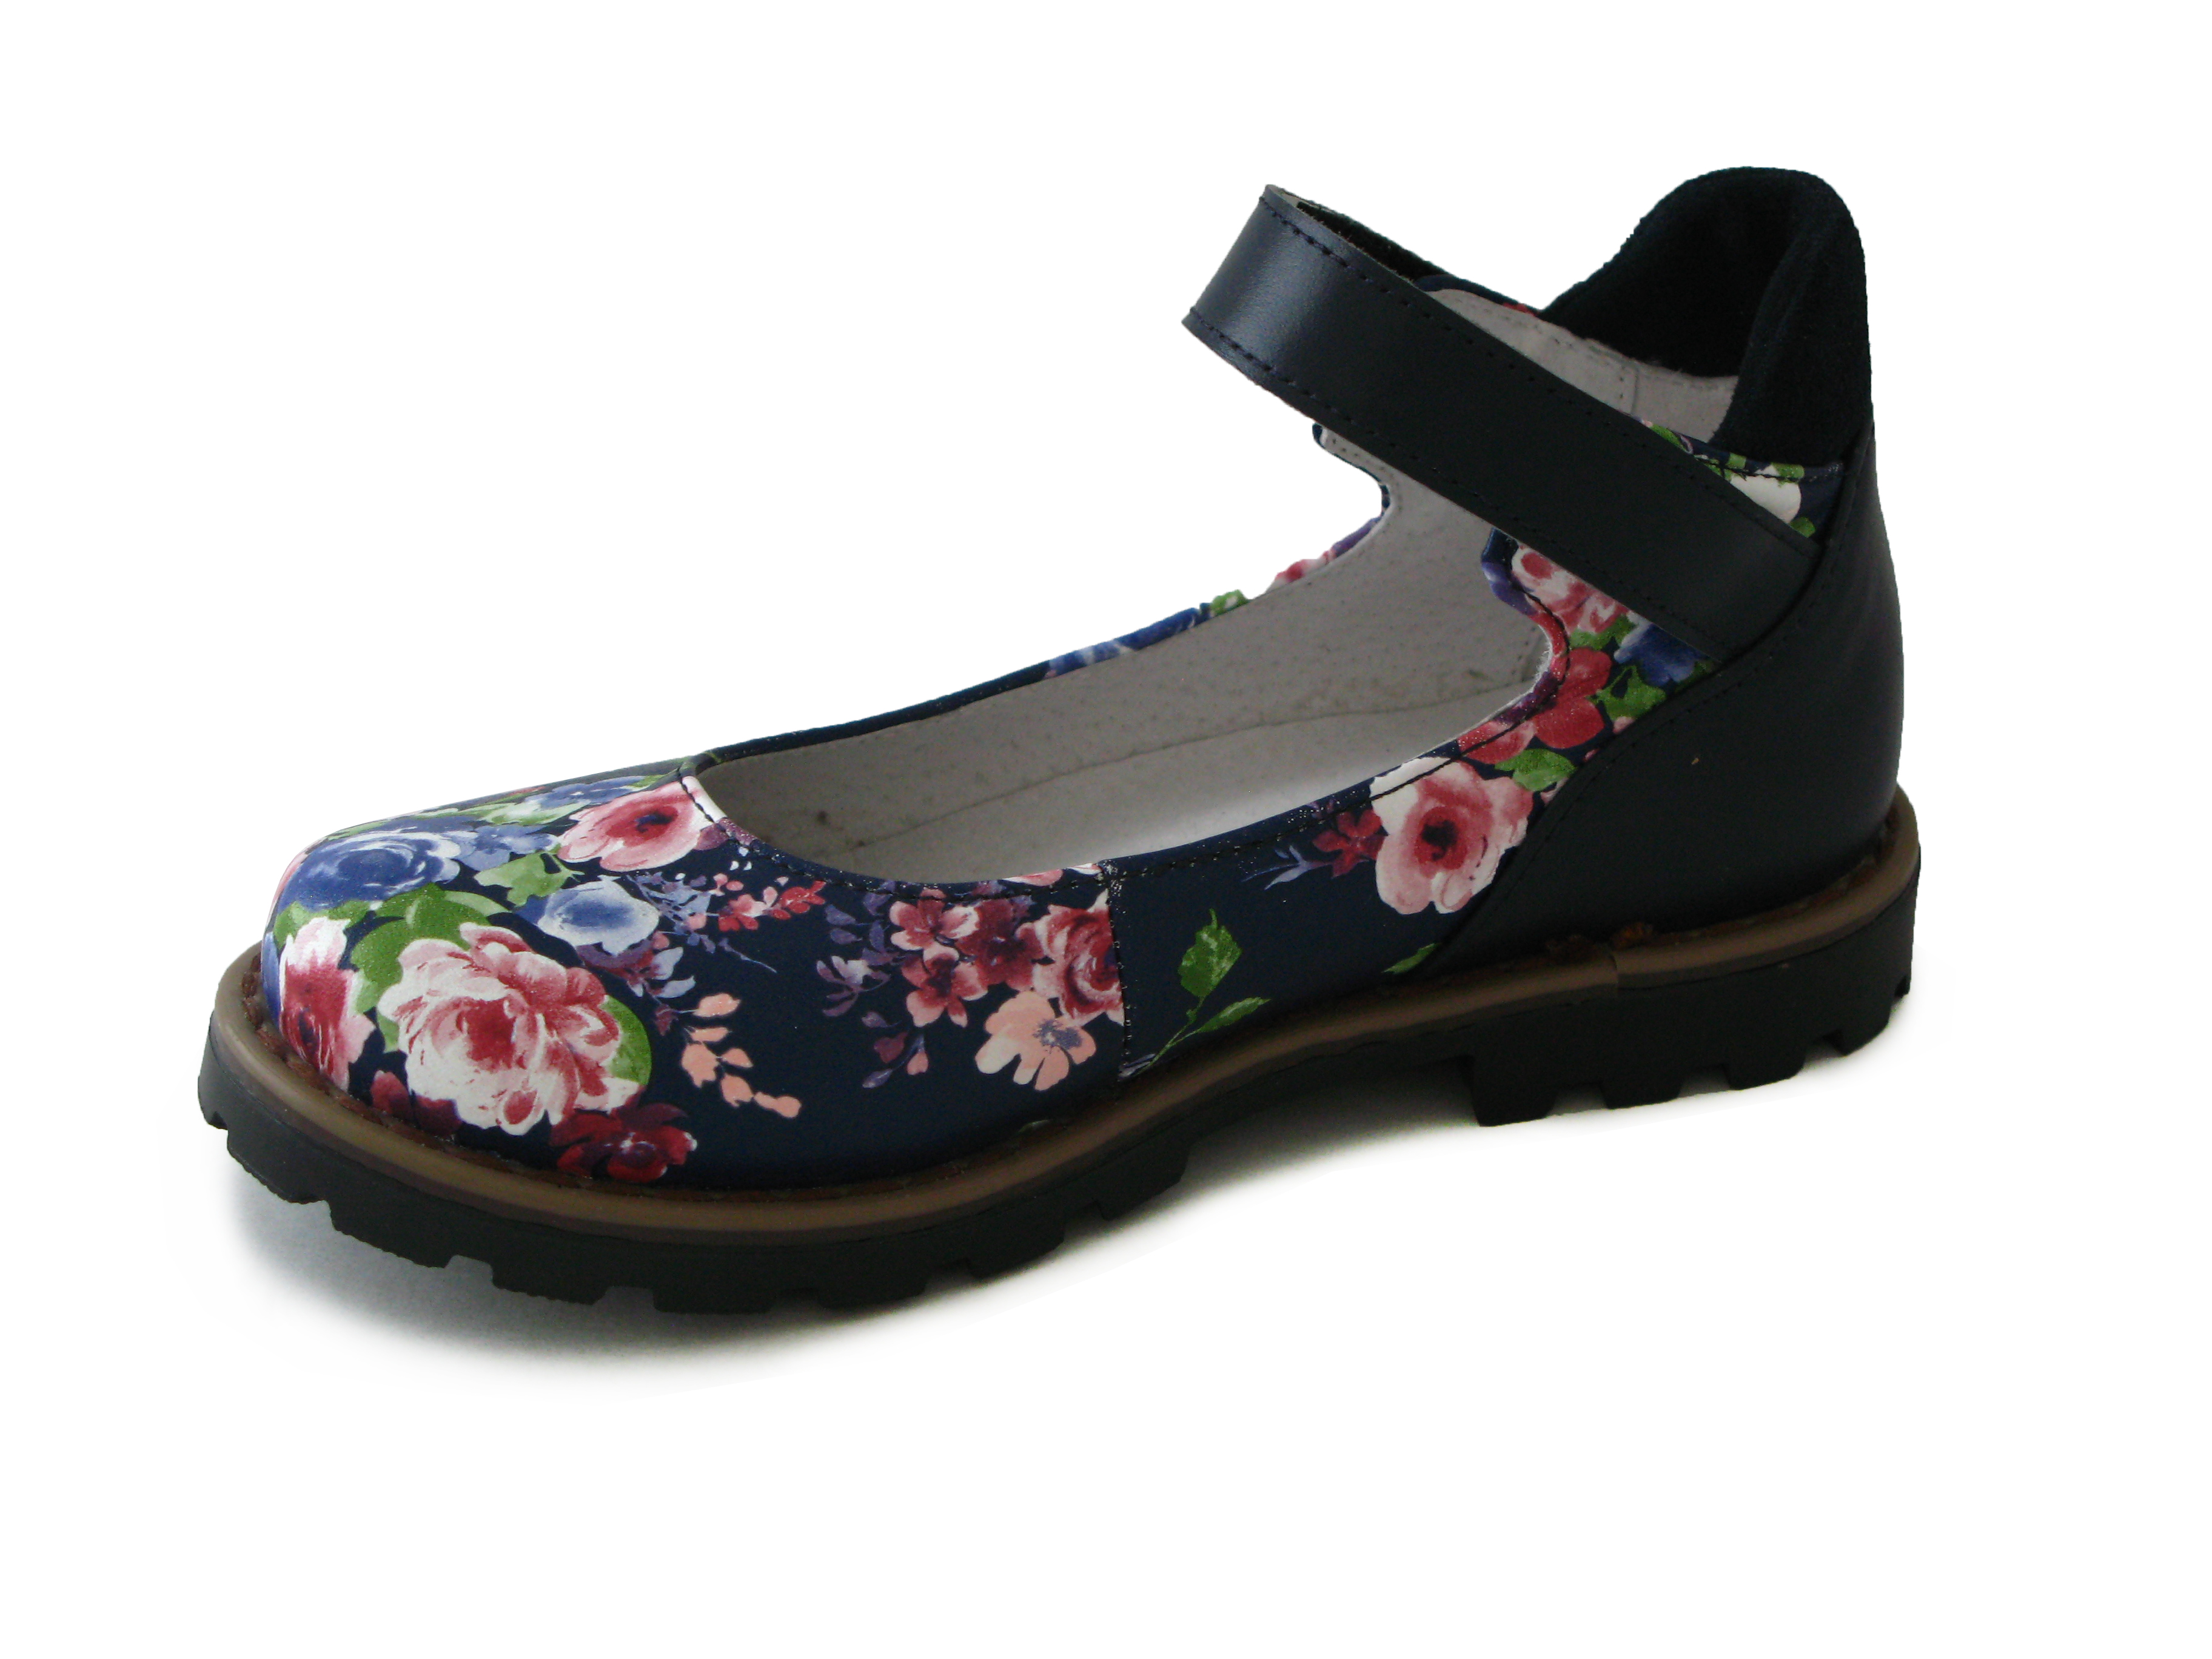 551fabe93 Недорого модне дитяче взуття інтернет магазин